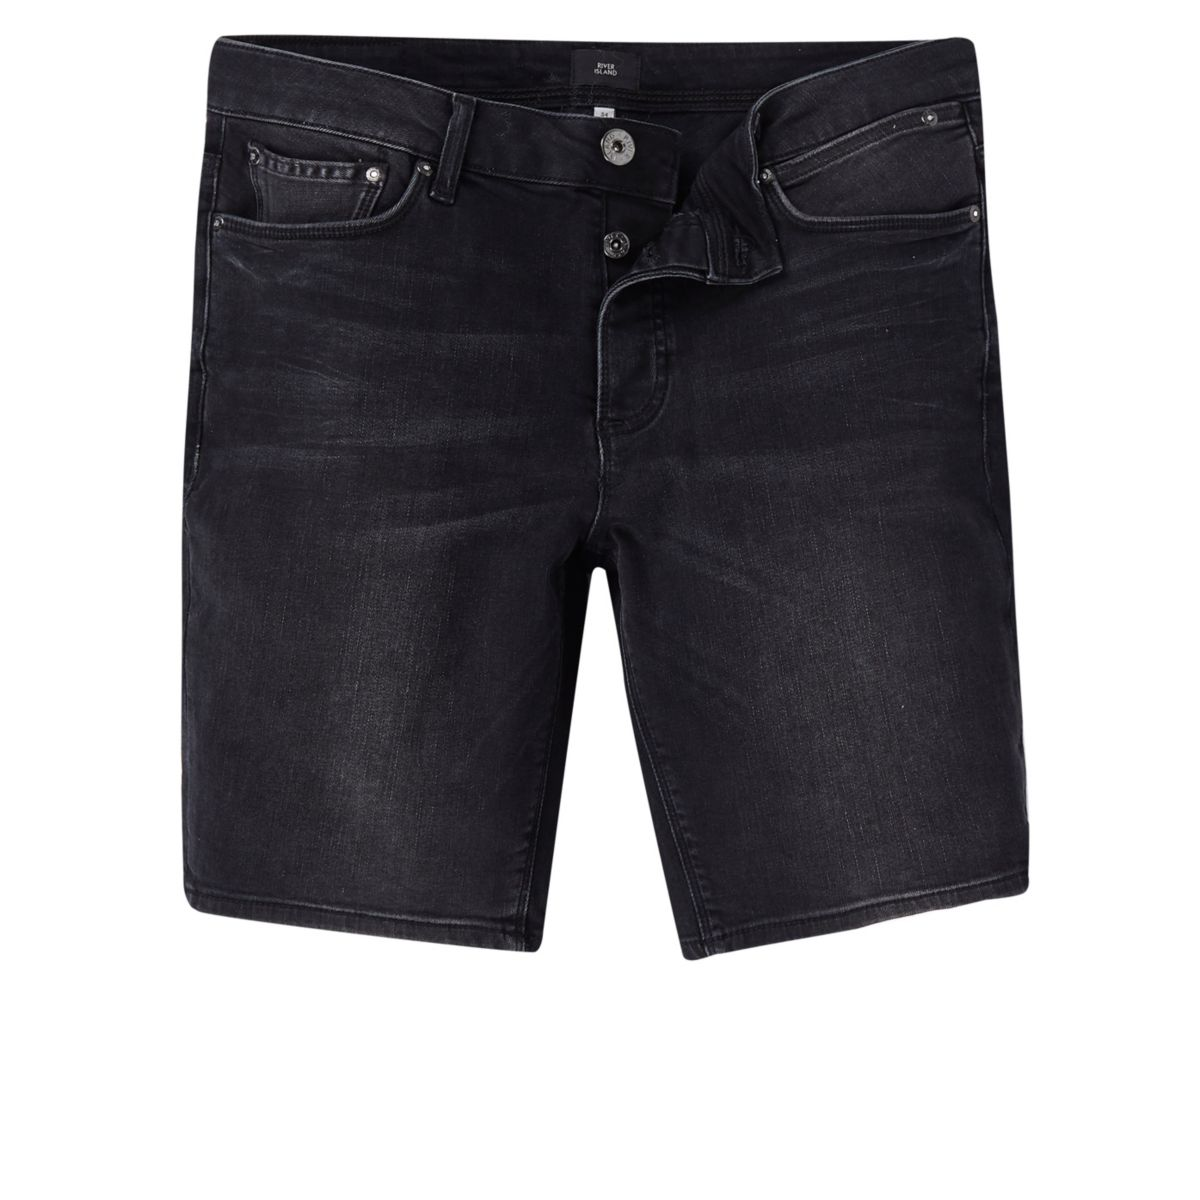 Short en jean noir coupe skinny